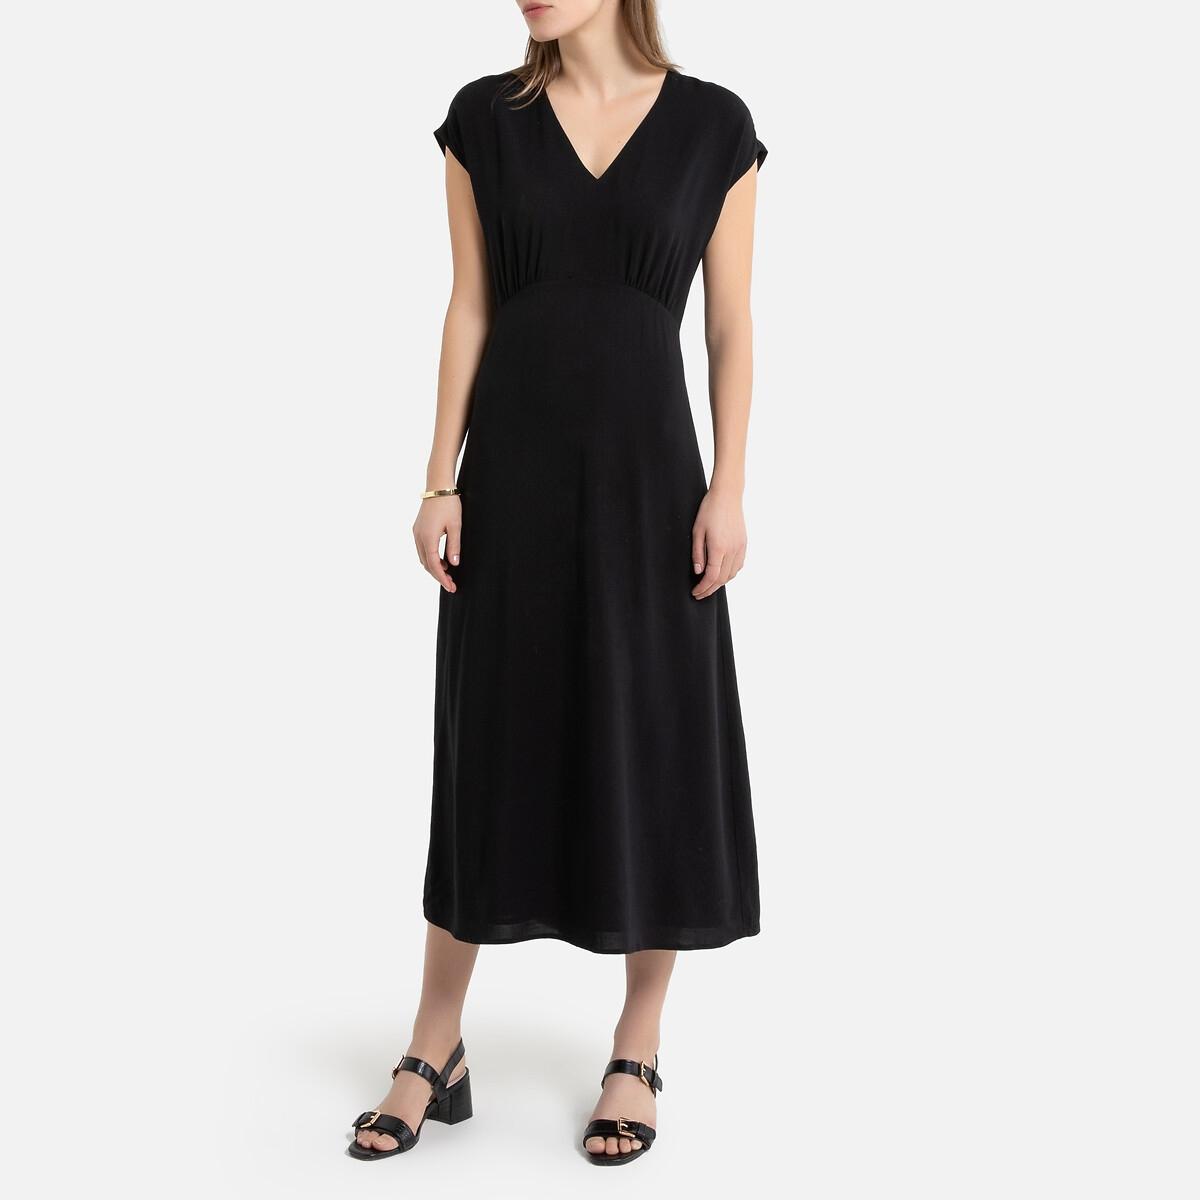 Платье La Redoute Длинное без рукавов 36 (FR) - 42 (RUS) черный платье la redoute радужное estelle 36 fr 42 rus черный